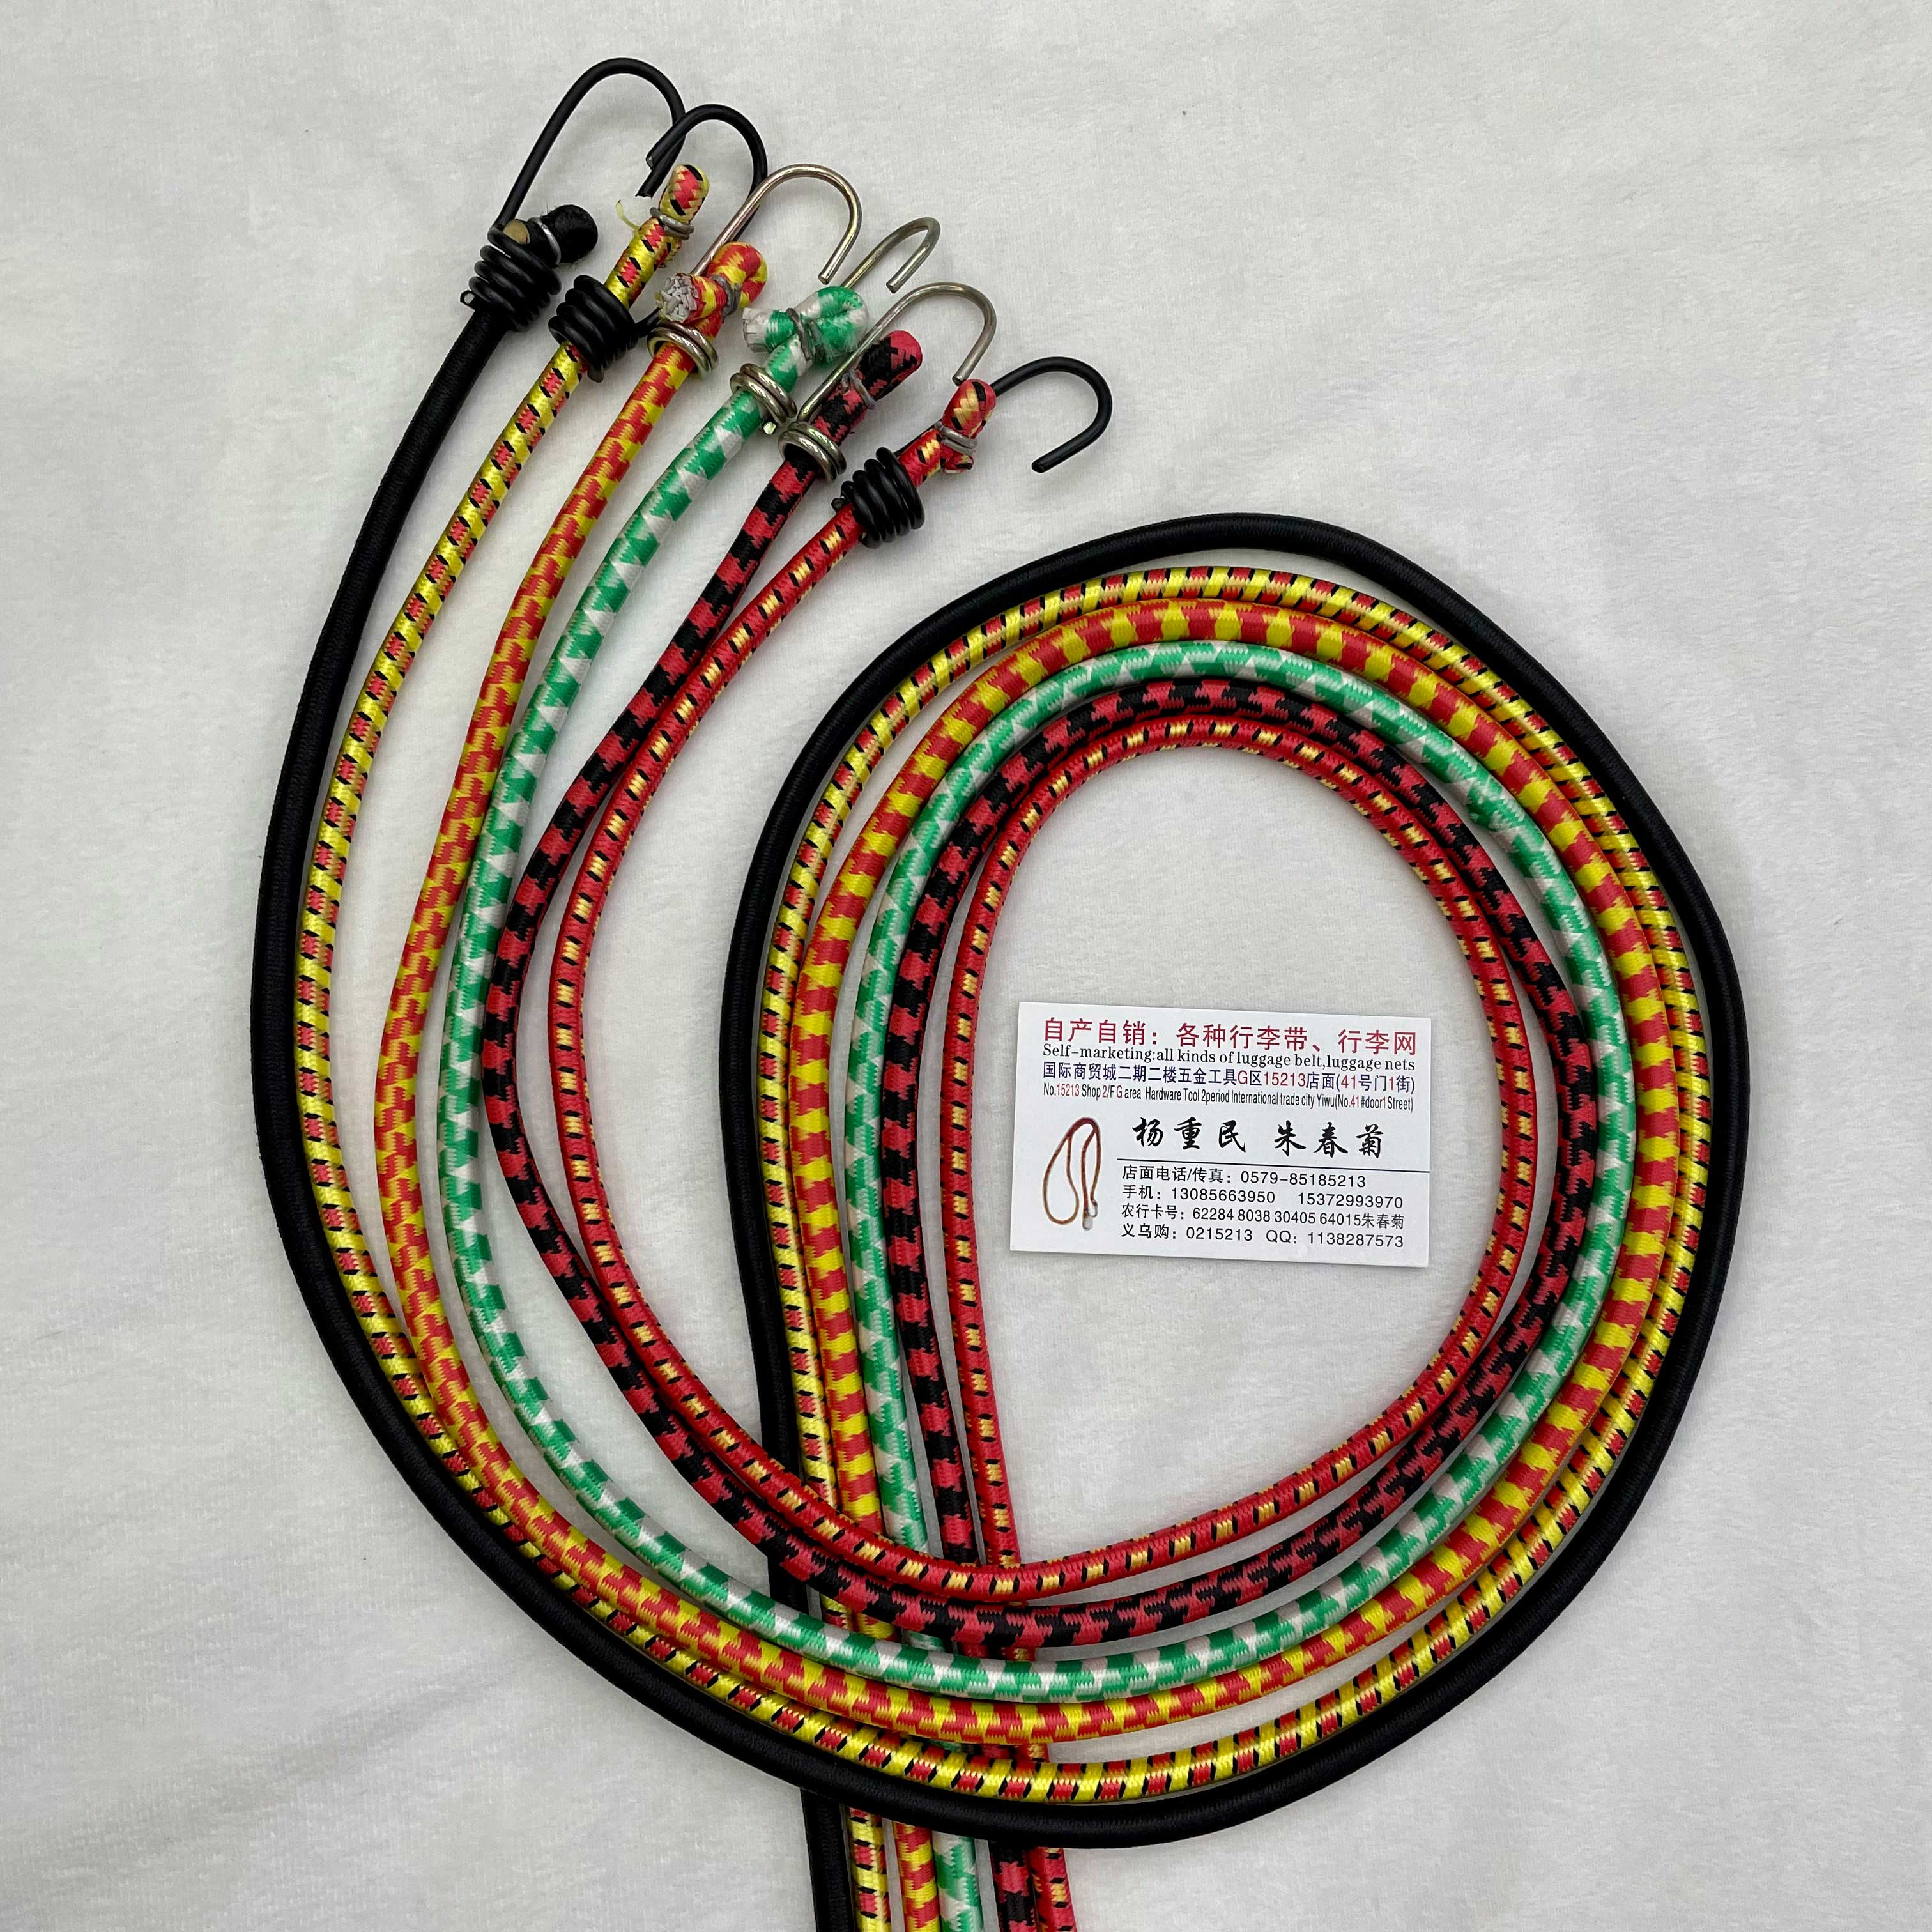 单钩橡胶带行李绳厂家直销定制行李绳